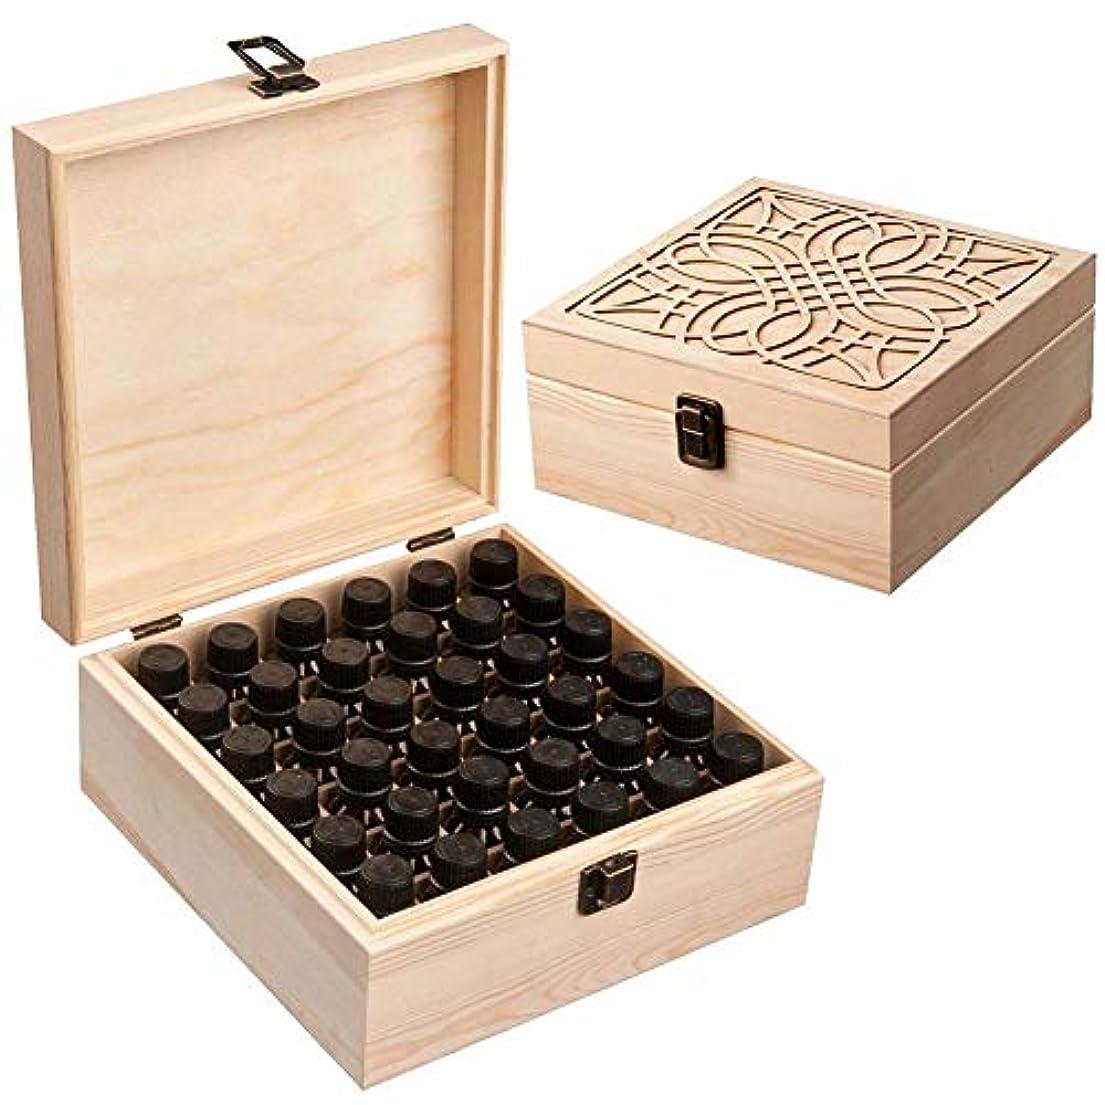 抑止するカポック感動するNewfashion エッセンシャルオイル収納ボックス 精油収納 アロマケース 木製 大容量 携帯便利 オイルボックス 飾り物 36本用